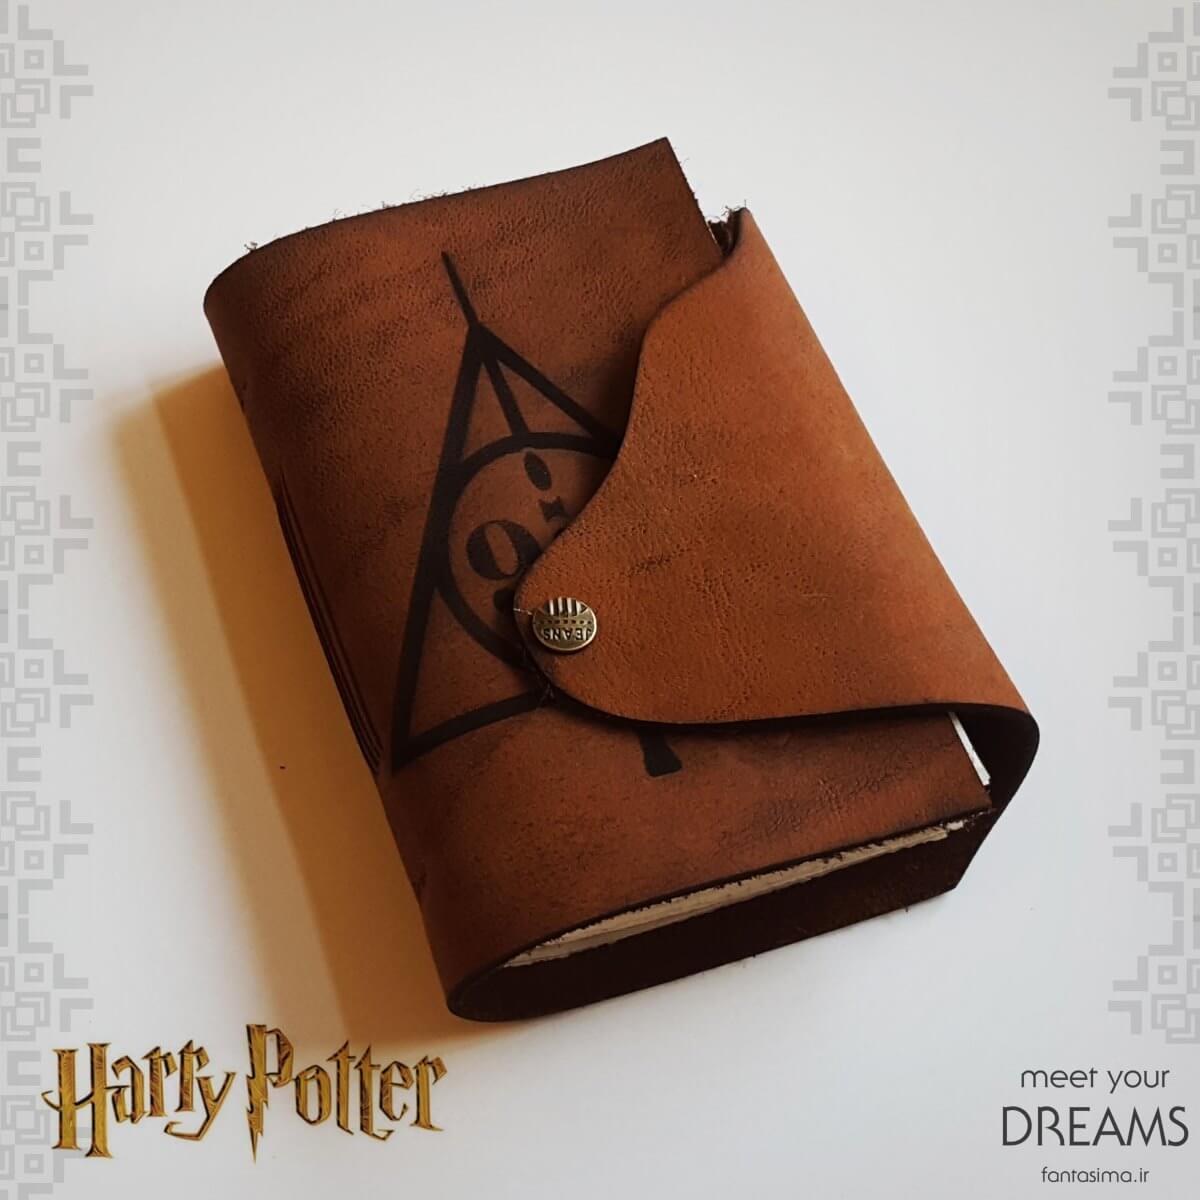 فانتزیآرت دفترچه چرمی یادگاران مرگ